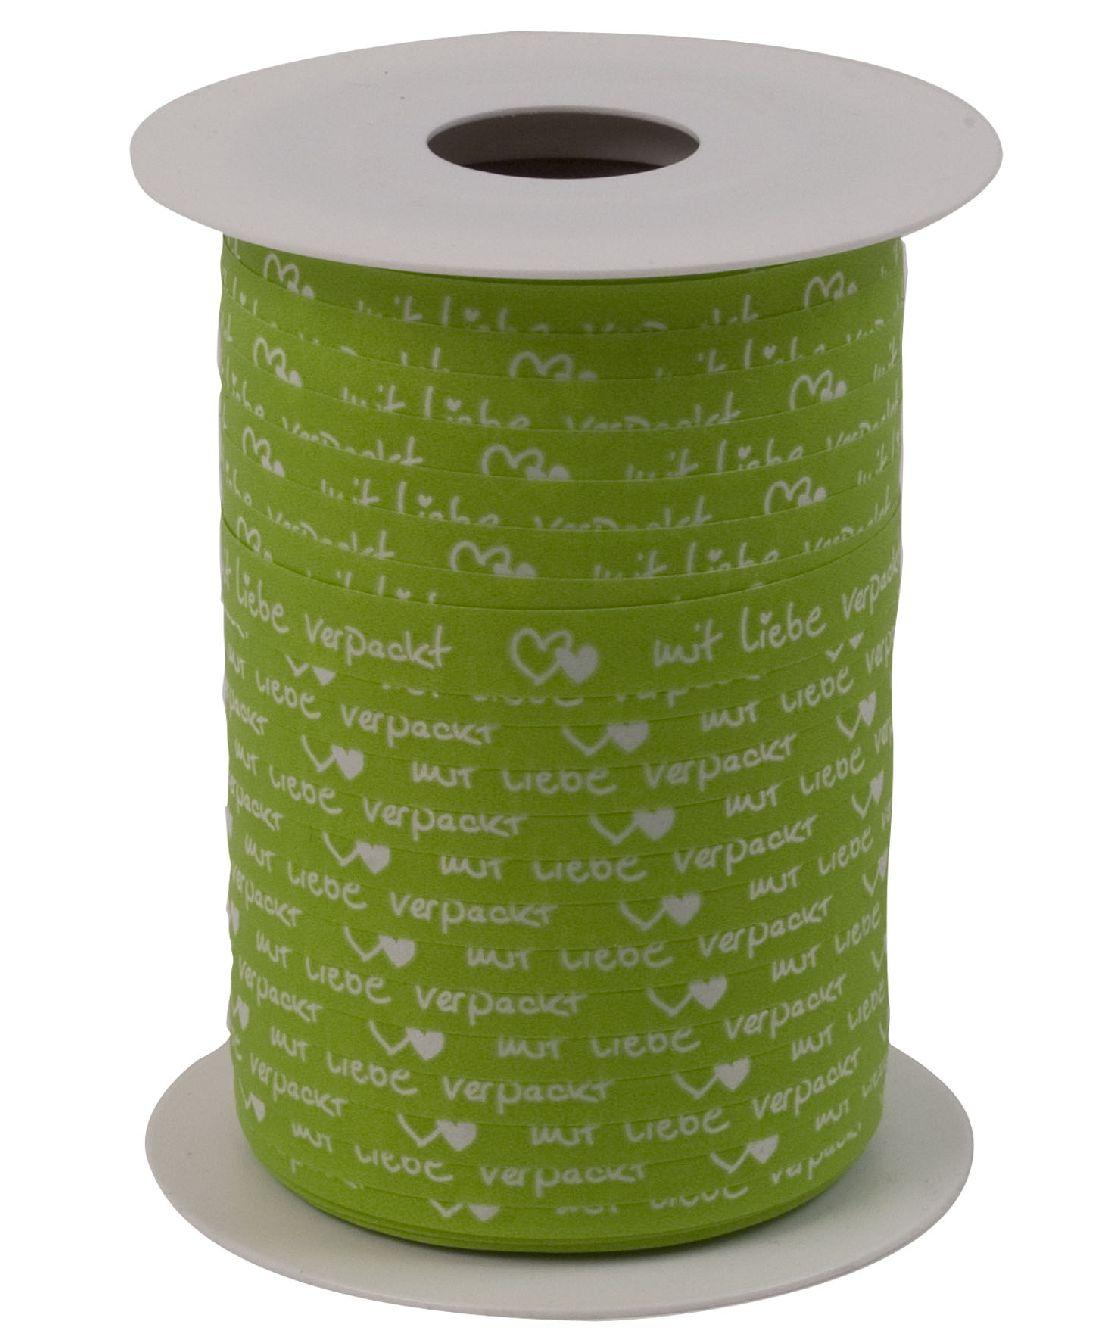 Polyband Mit Liebe verpackt APFELGRUEN 8169 Ringelband 10mm  150Meter Ziehband